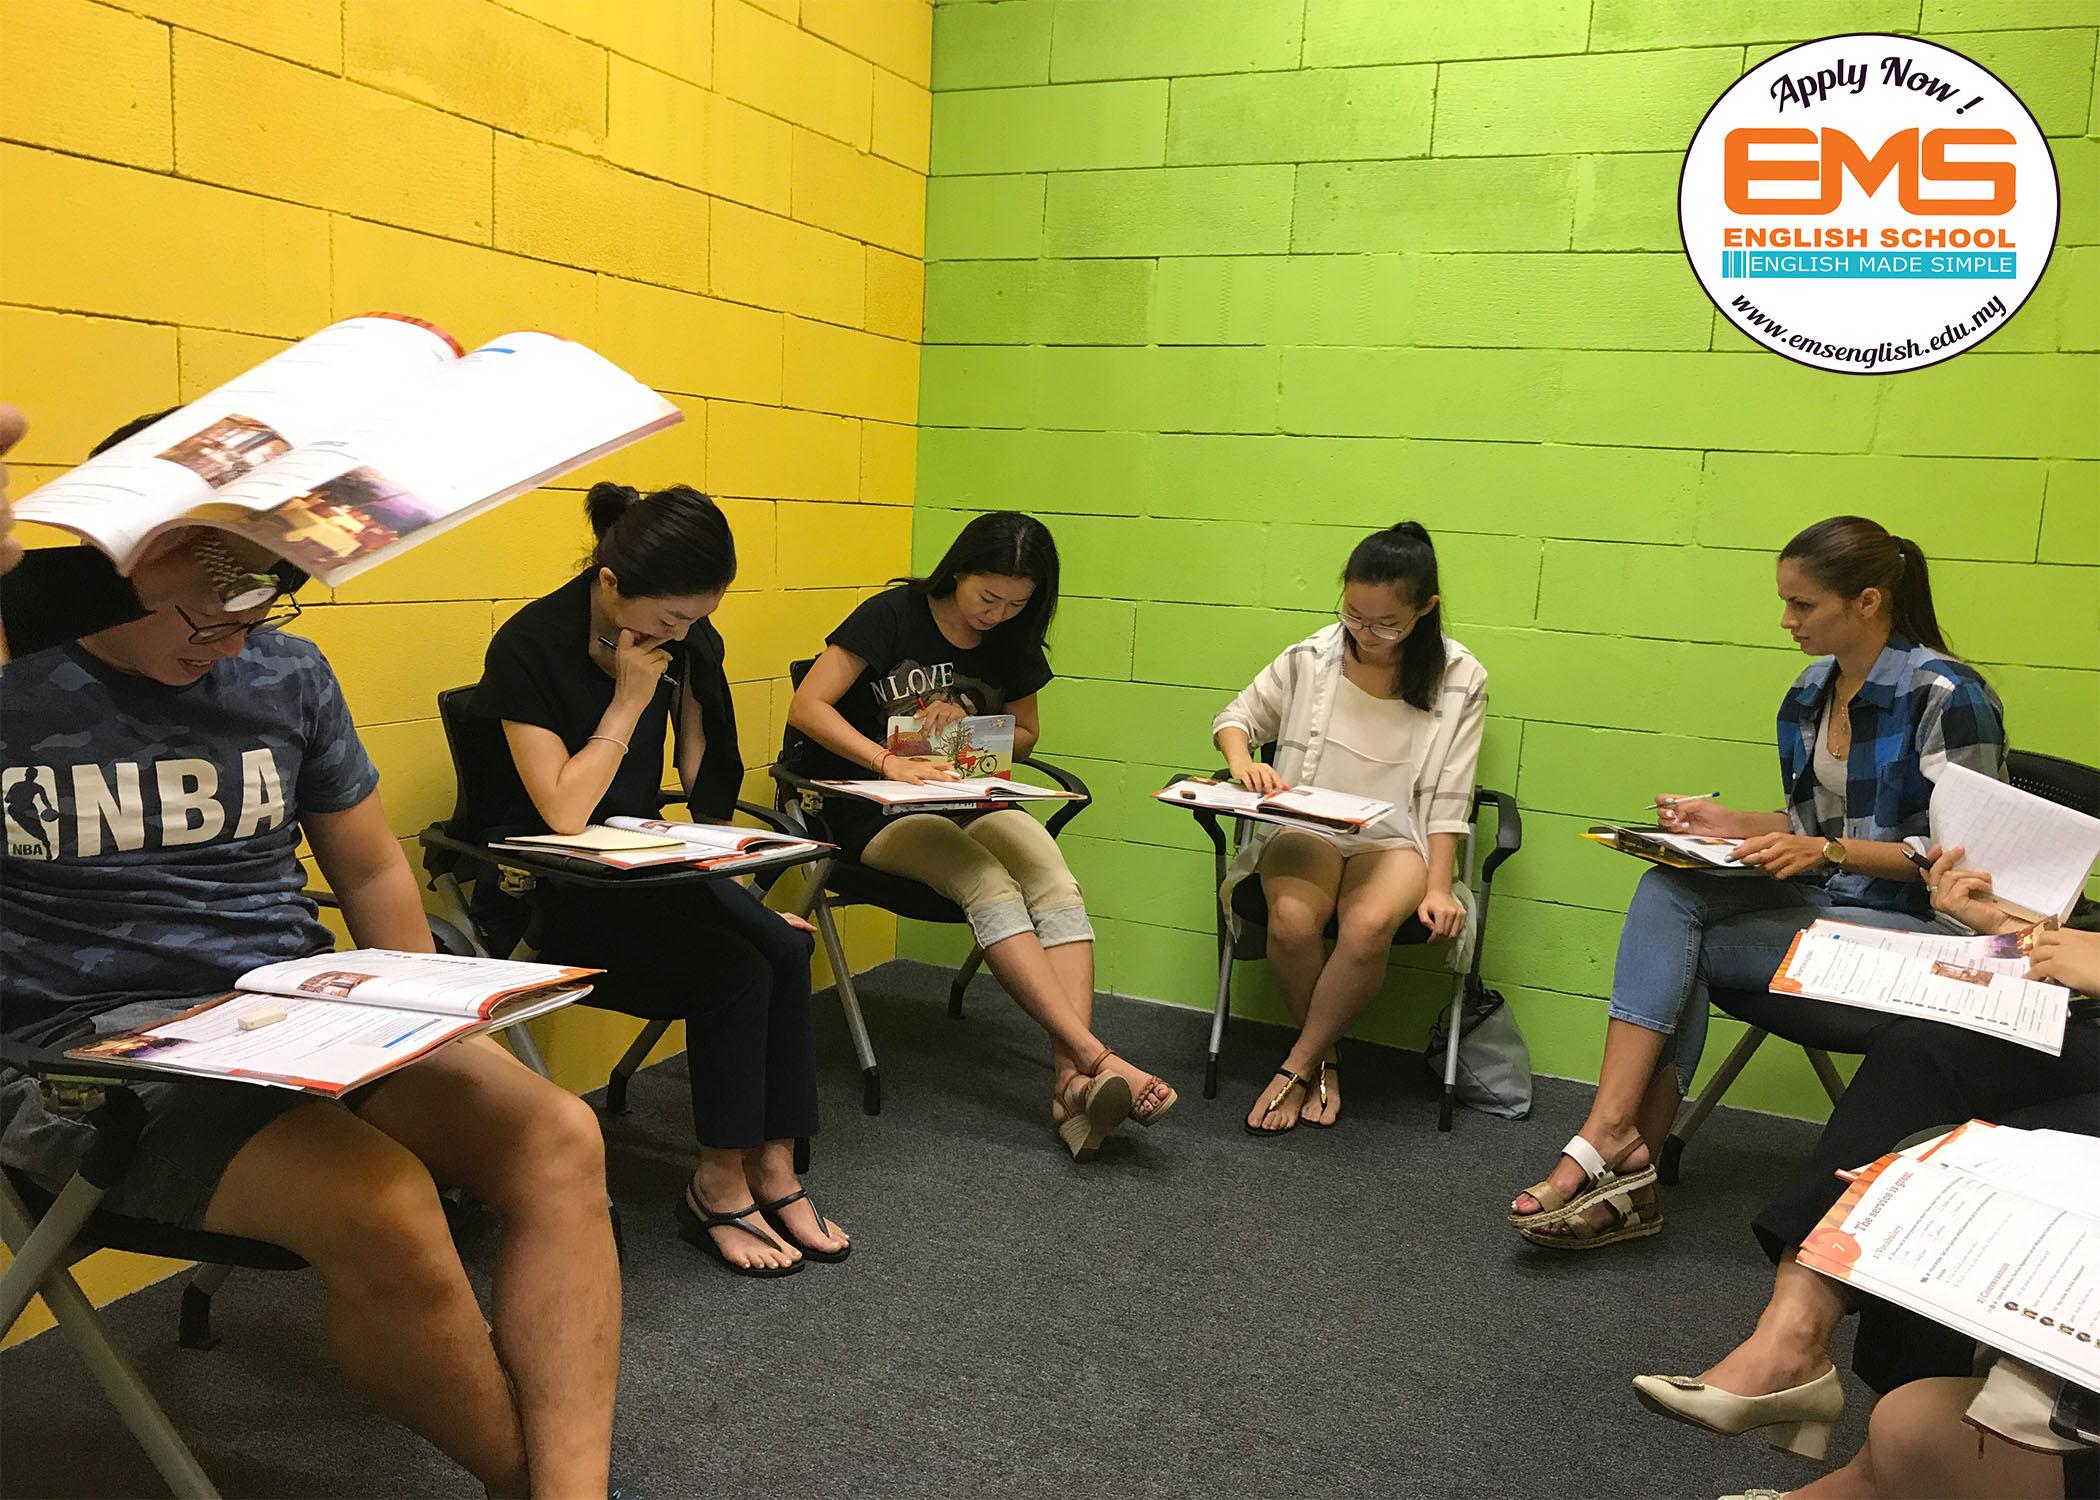 EMS English School